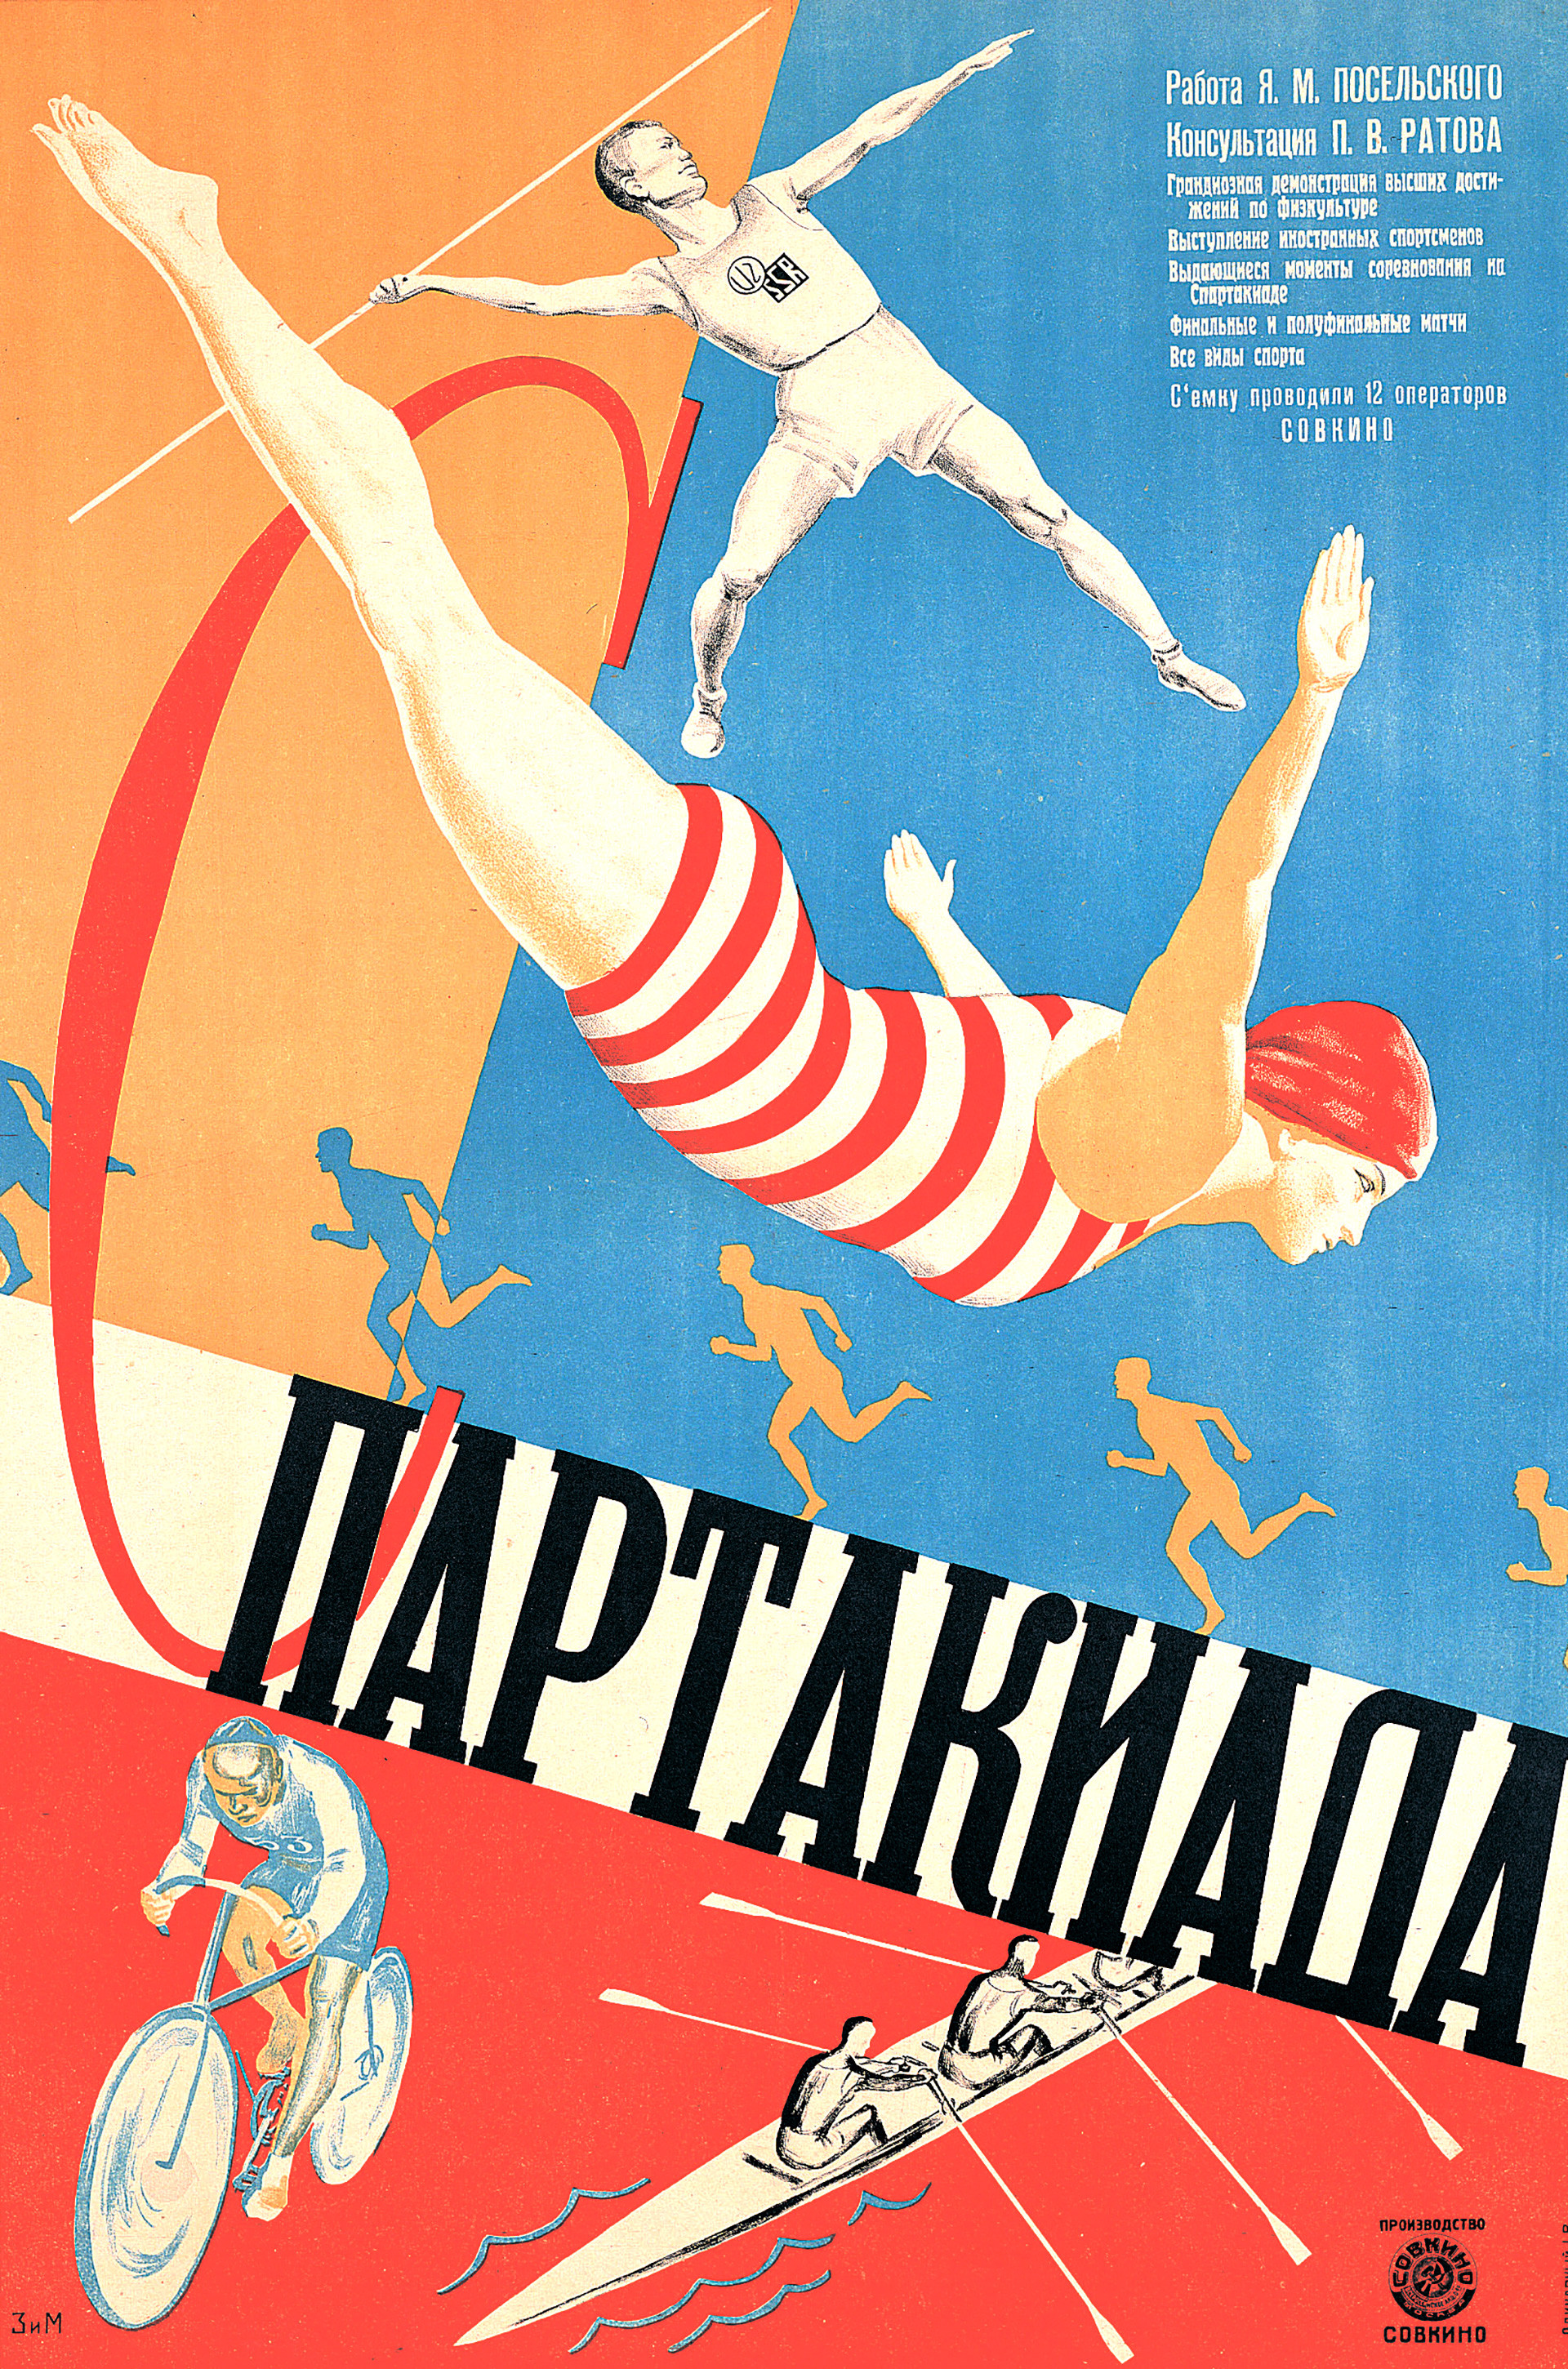 ZIM, affiche pour Spartakiadе, 1927